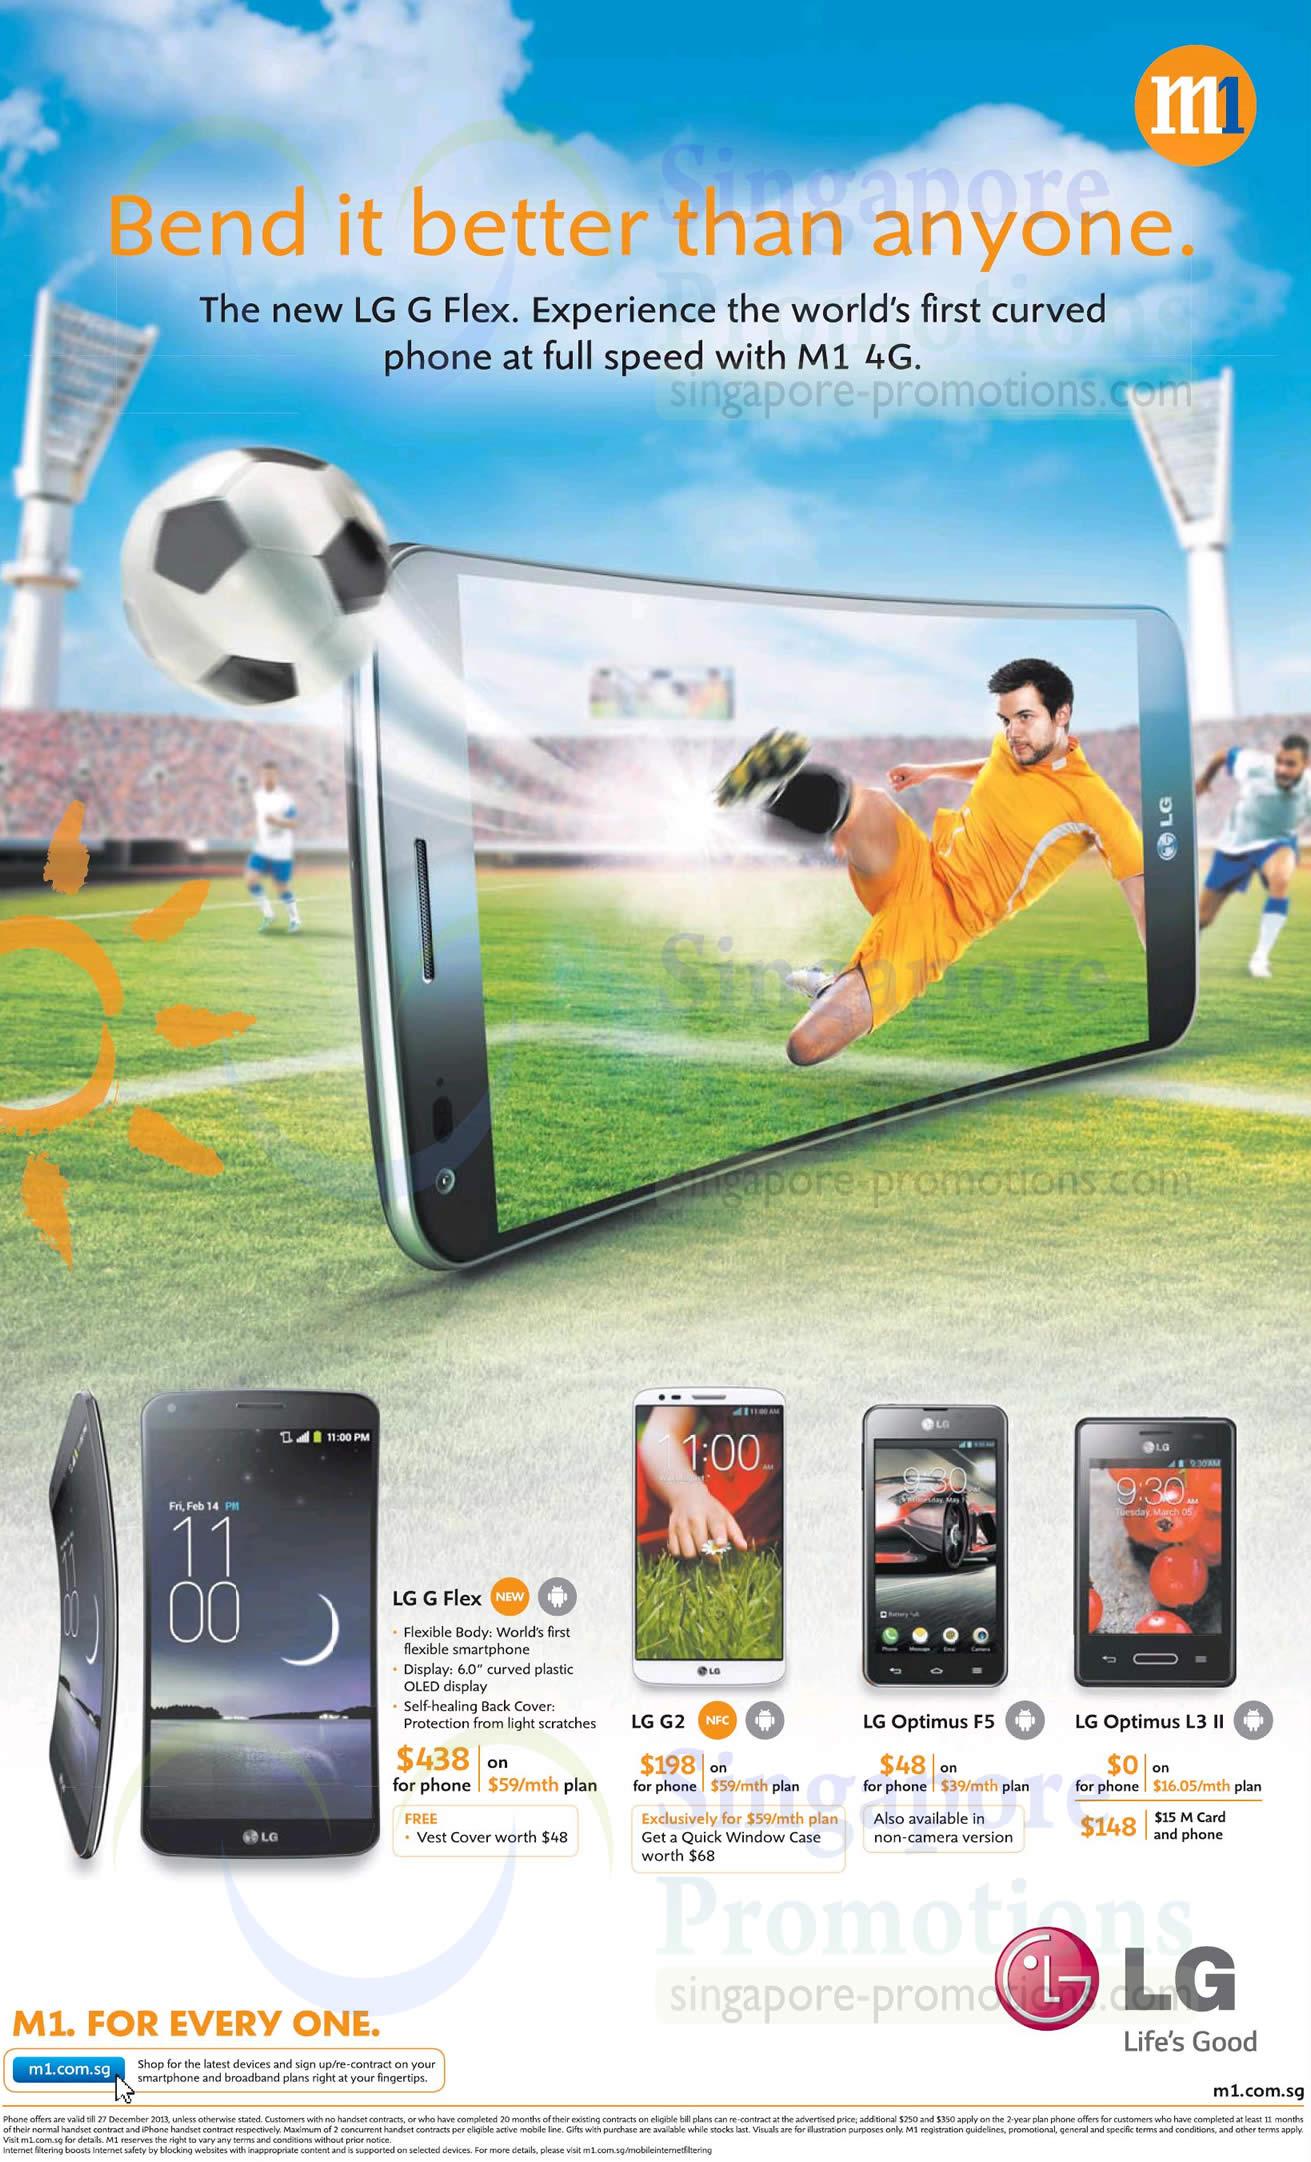 LG G Flex, LG G2, LG Optimus F5, LG Optimus L3 II